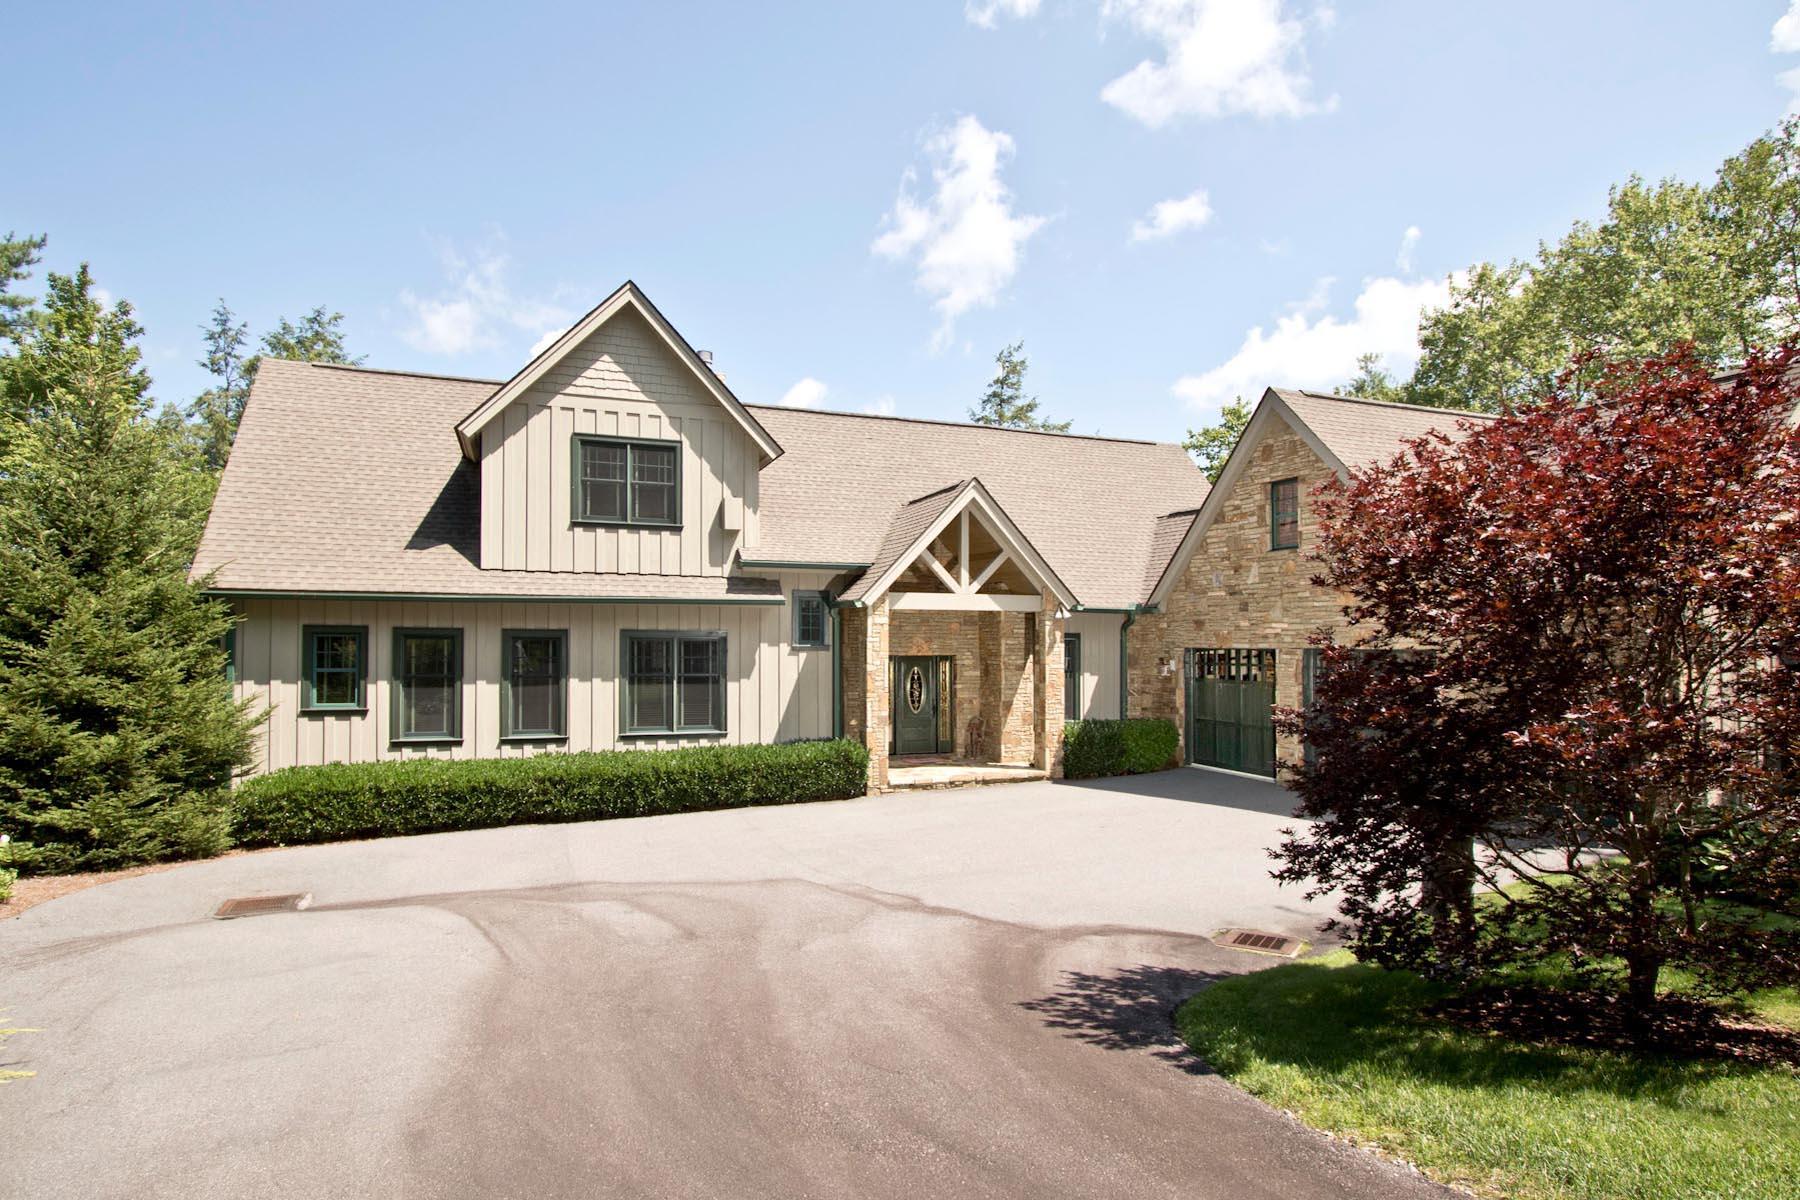 Maison unifamiliale pour l Vente à 131 West View Way Highlands, Carolina Du Nord, 28741 États-Unis